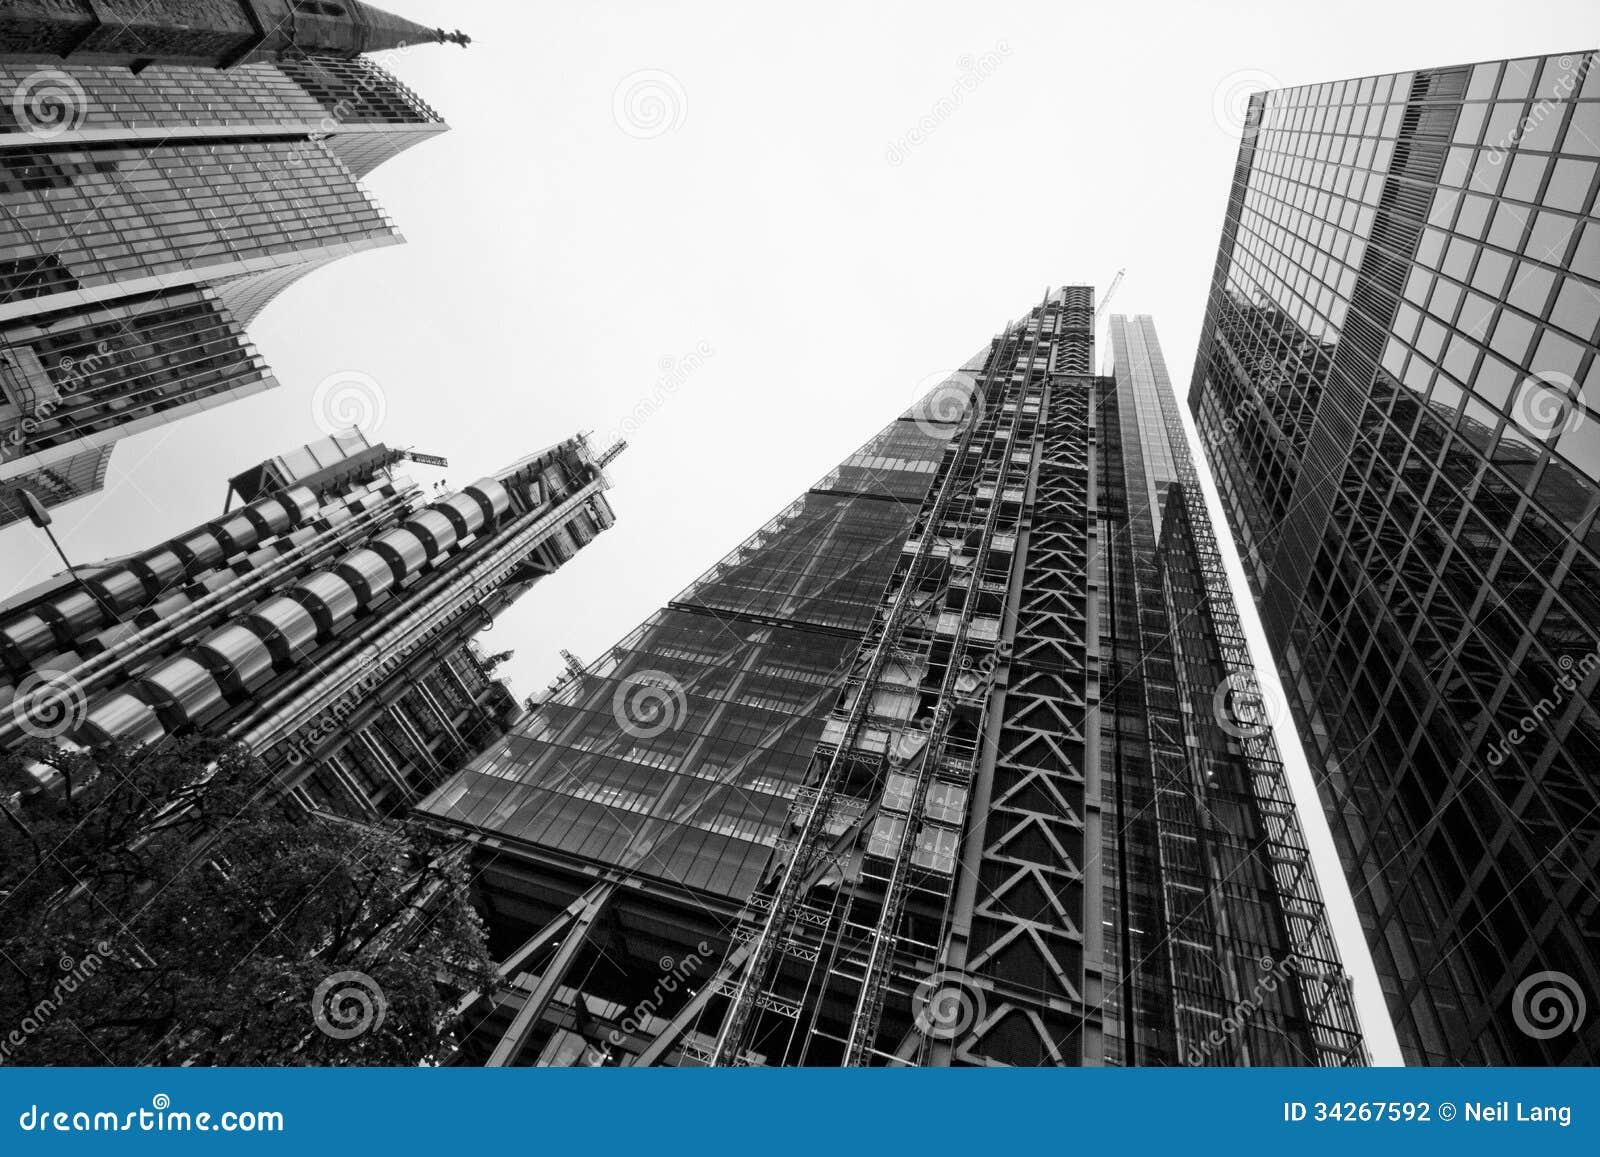 Leadenhall Building London Open House